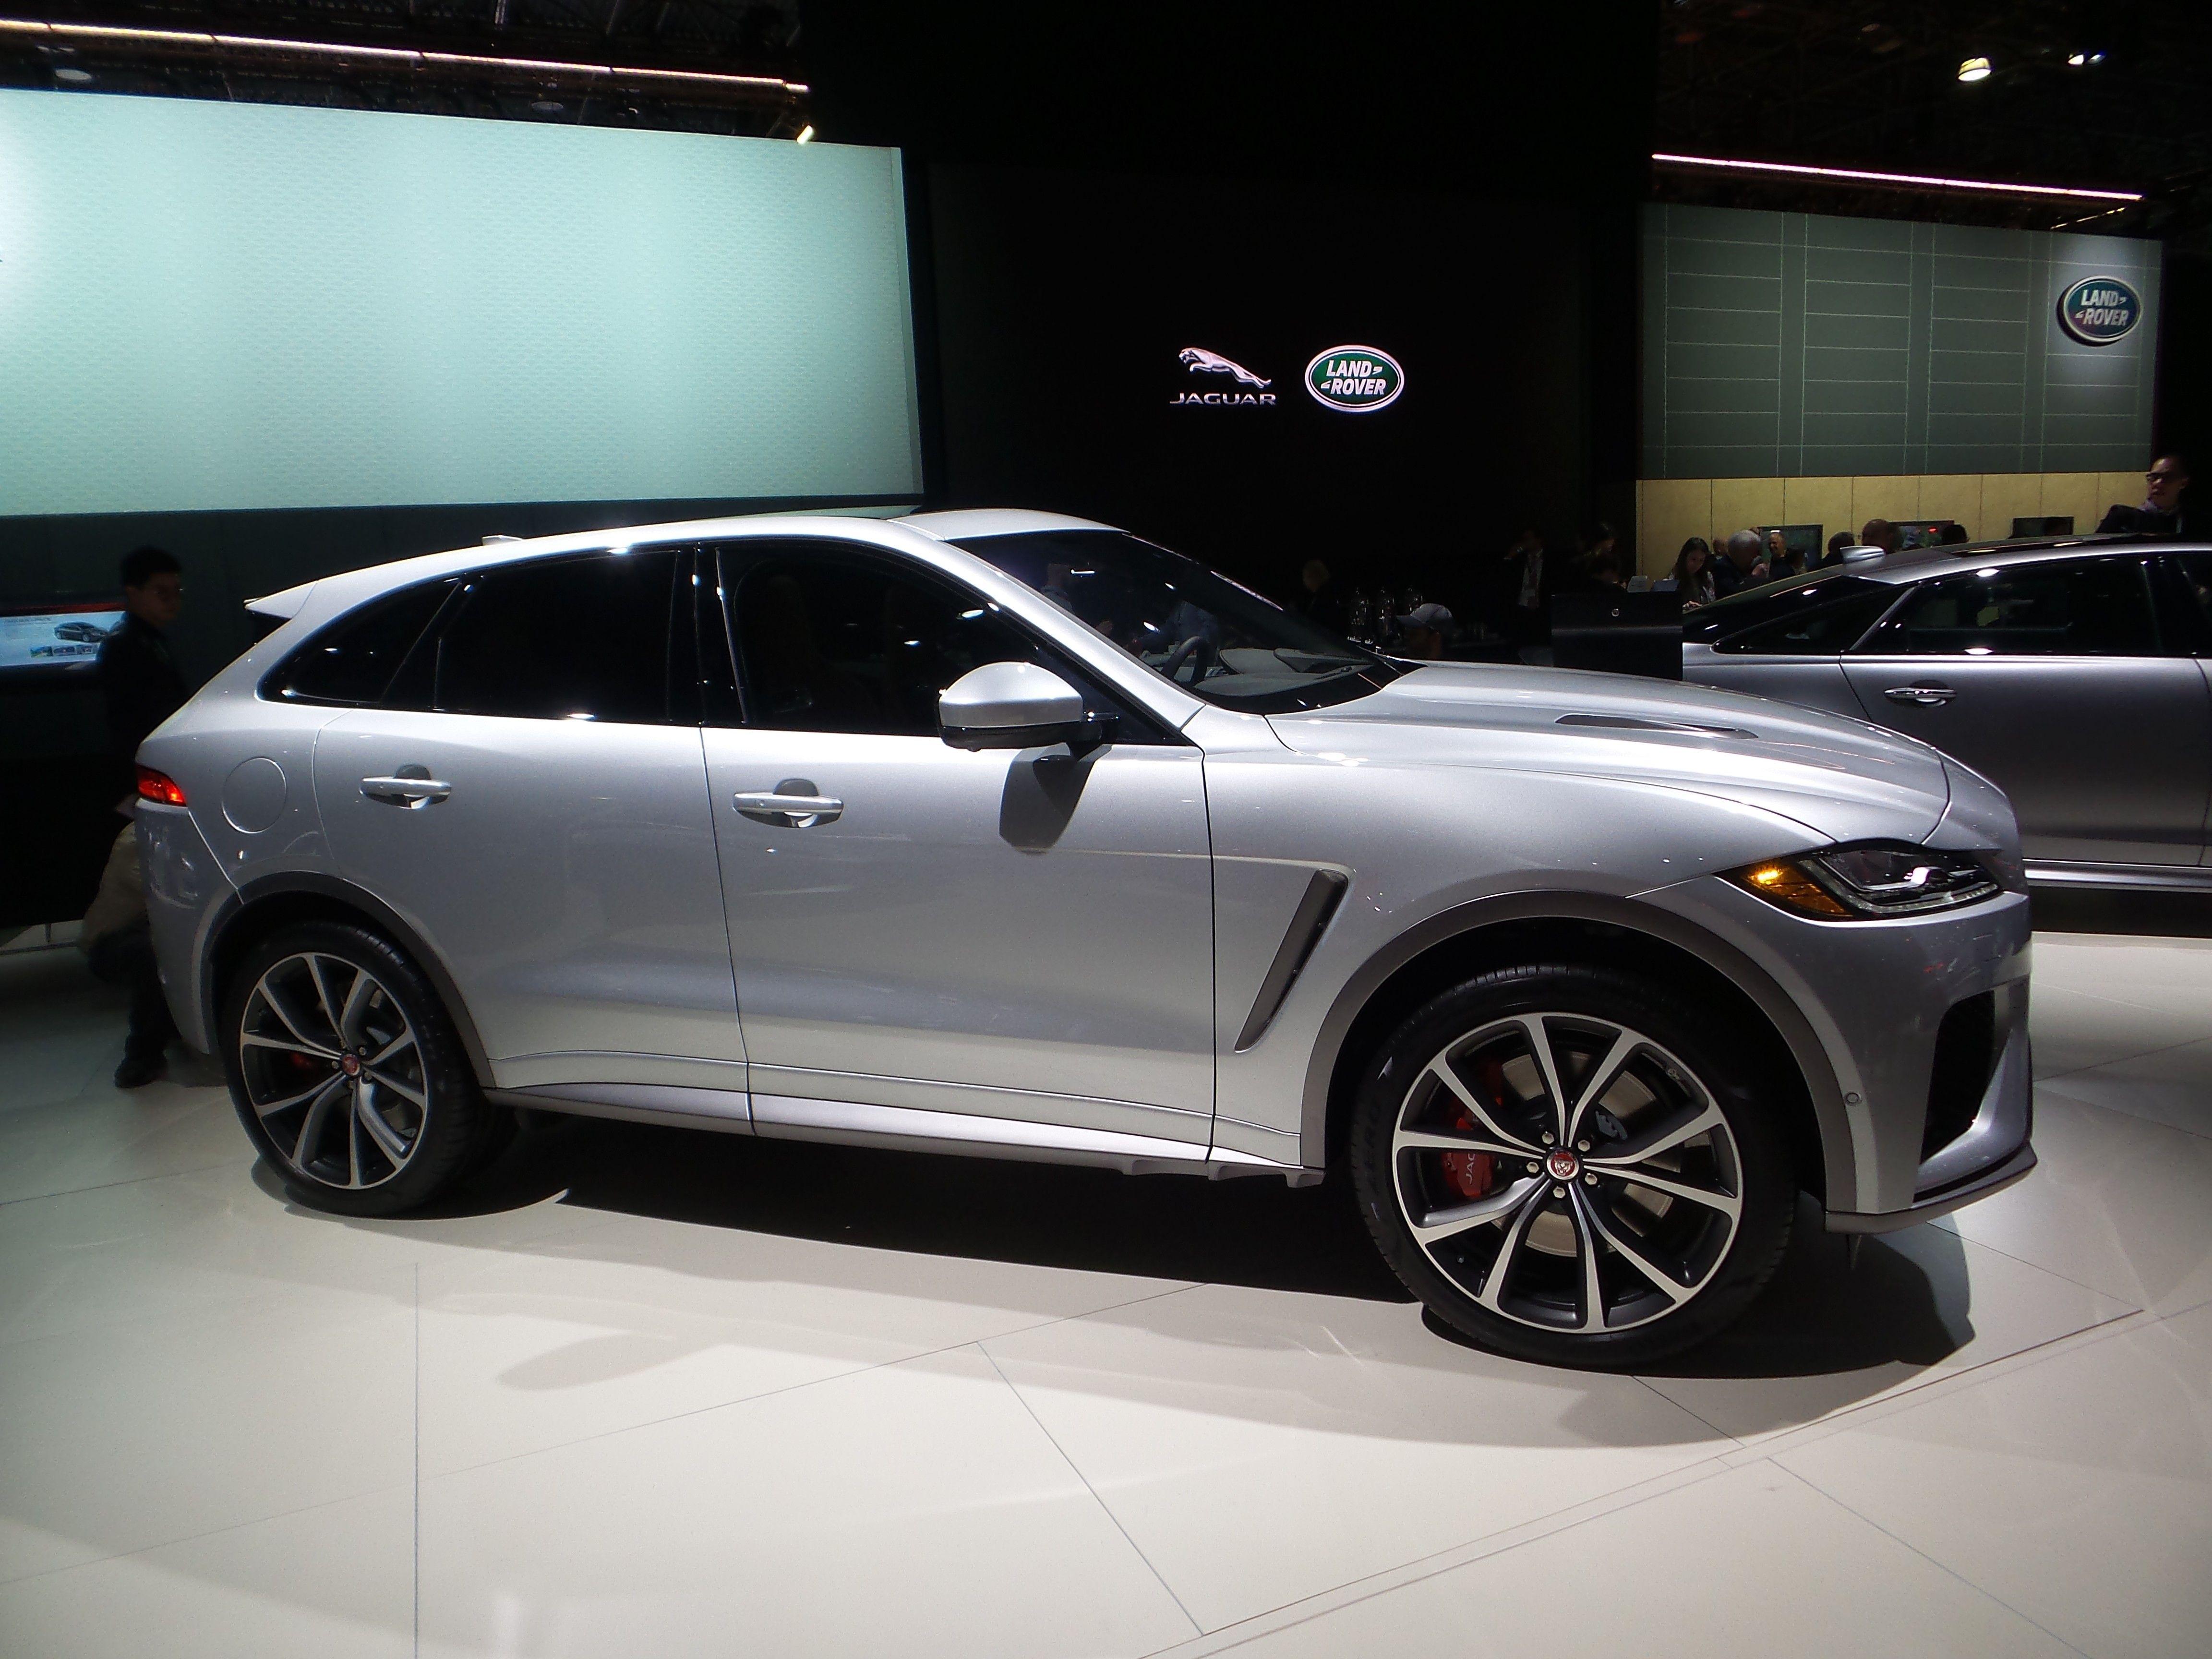 2019 Jaguar F Pace Svr New Review Jaguar Jaguar Suv Car